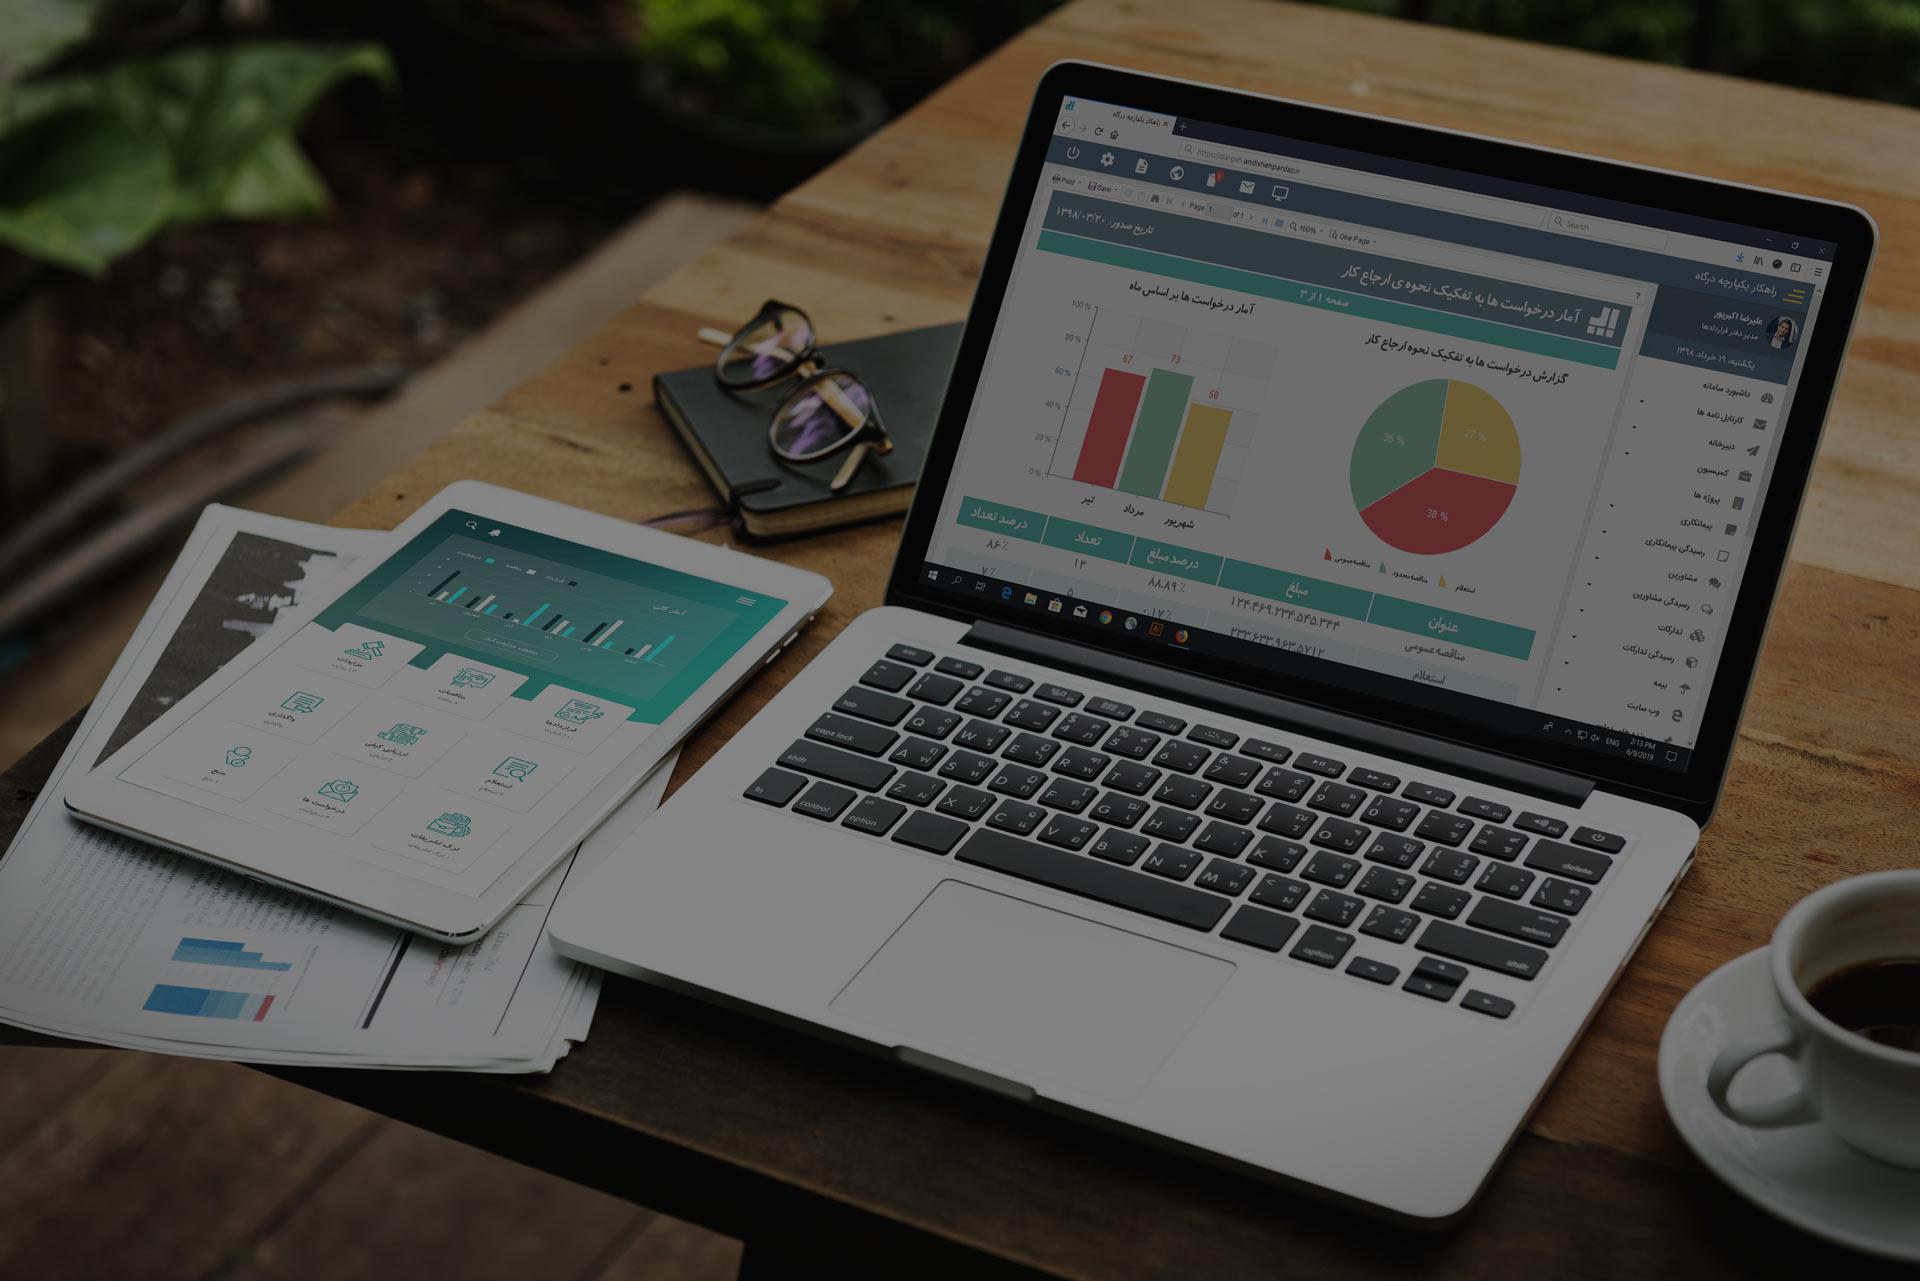 نرم افزار مدیریت قراردادها و پیمان